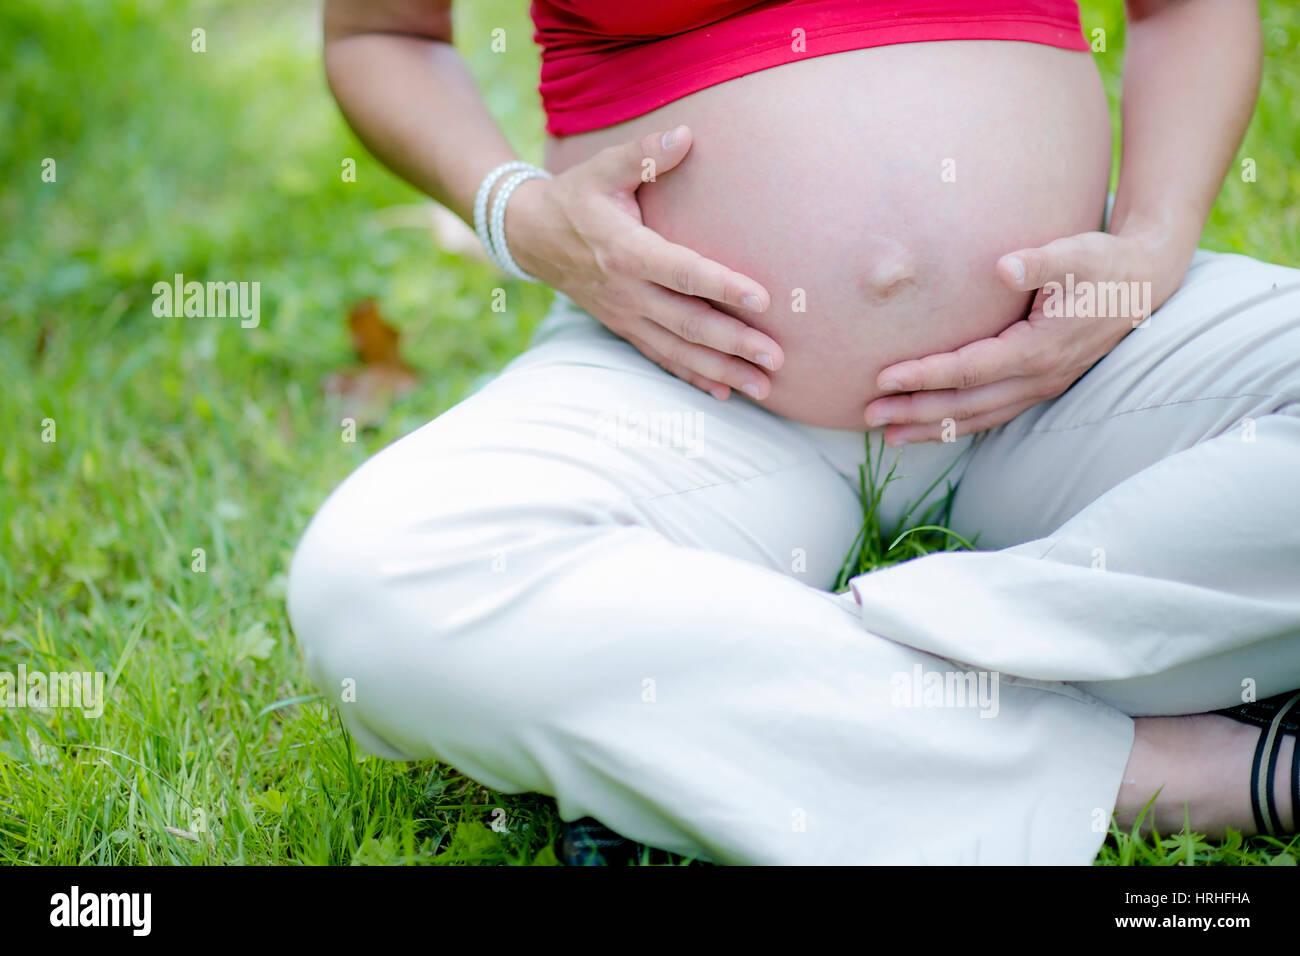 Schwangere Frau greift sich an den Babybauch - pregnant woman Stock Photo